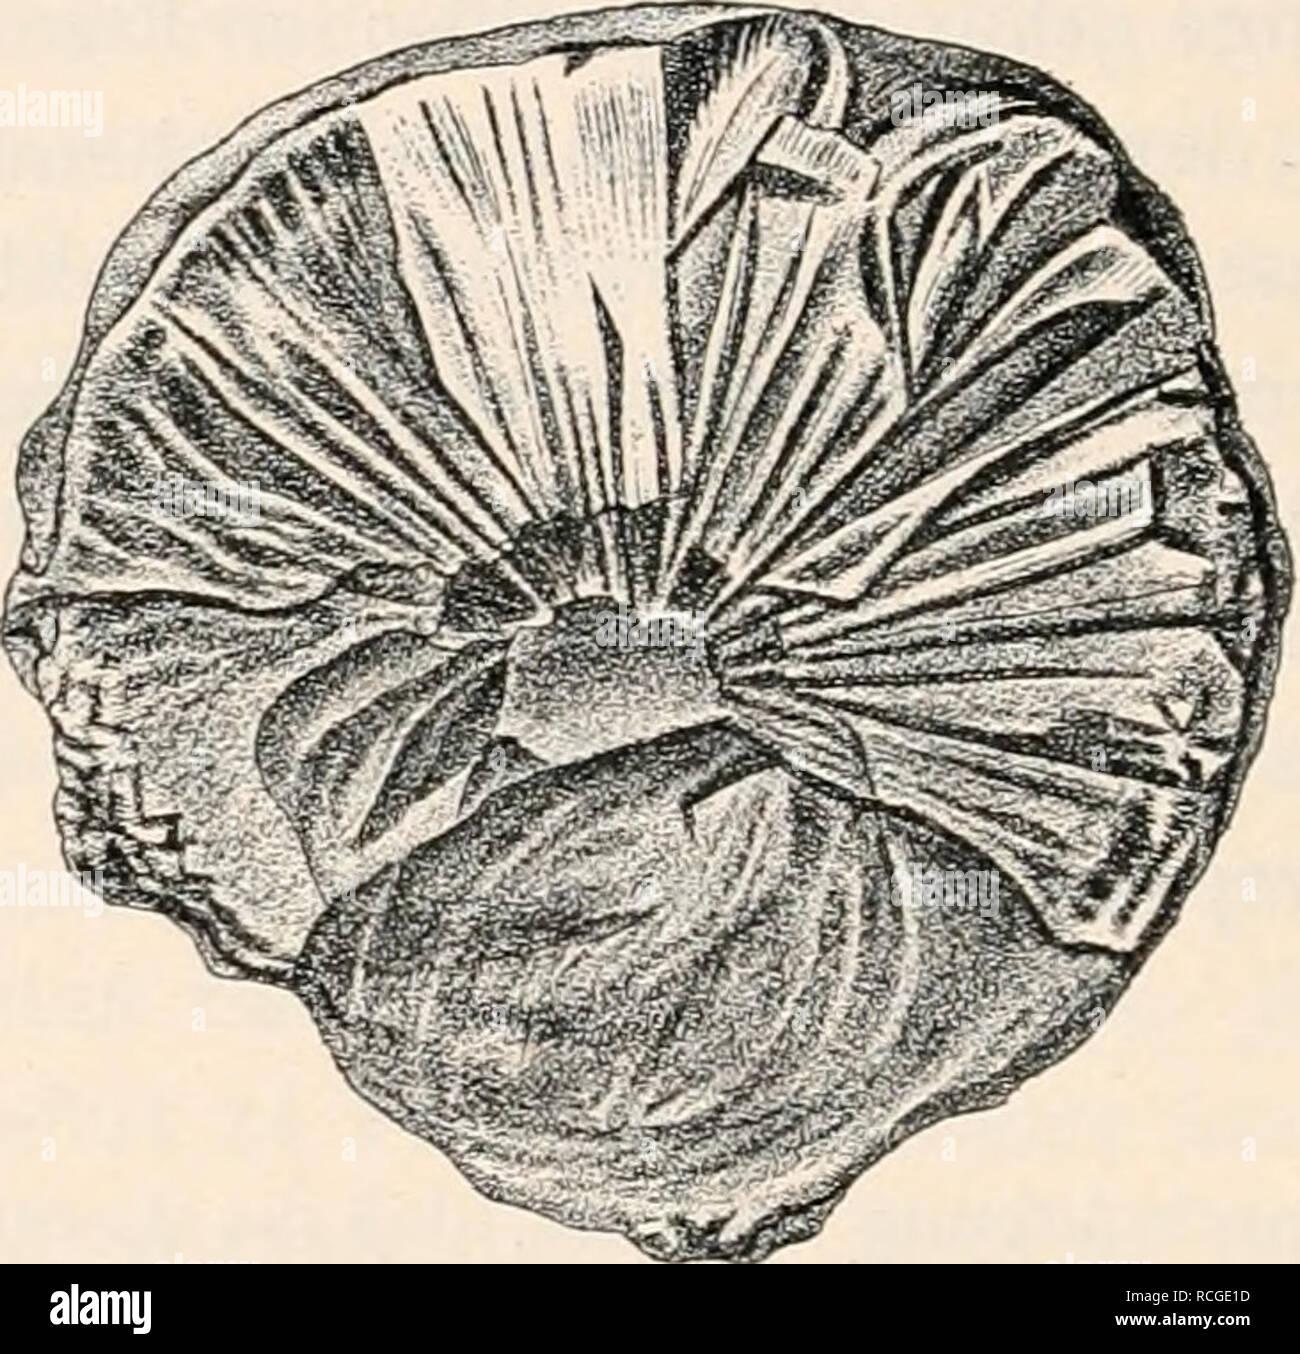 . Die Rohstoffe des Pflanzenreichs : versuch einer Technischen Rohstofflehre des Pflanzenreiches. Botany, Economic. Fig. 15, Vergrüßening 11/2 mal. Unregel- mäßige Eißbildnng an der Oberfläche von im Wasser unvollkommen löslichem, zähem Akaziengummi.. Fig. 10. Vergrößerung 2 mal. Bruchfläche eines Gummistückes einer Sorte von Somaligummi mit strahligem Gefüge. (Aus der Sammlung des bot. Museums in Berlin.) in dem Paragraphen: Geschichtliches über das arabische Gummi) und wird auch gegenwärtig in großen Quantitäten gesammelt. Die Gummi- gewinnung wird im Somalilande durch Anschnitt unterstützt  - Stock Image